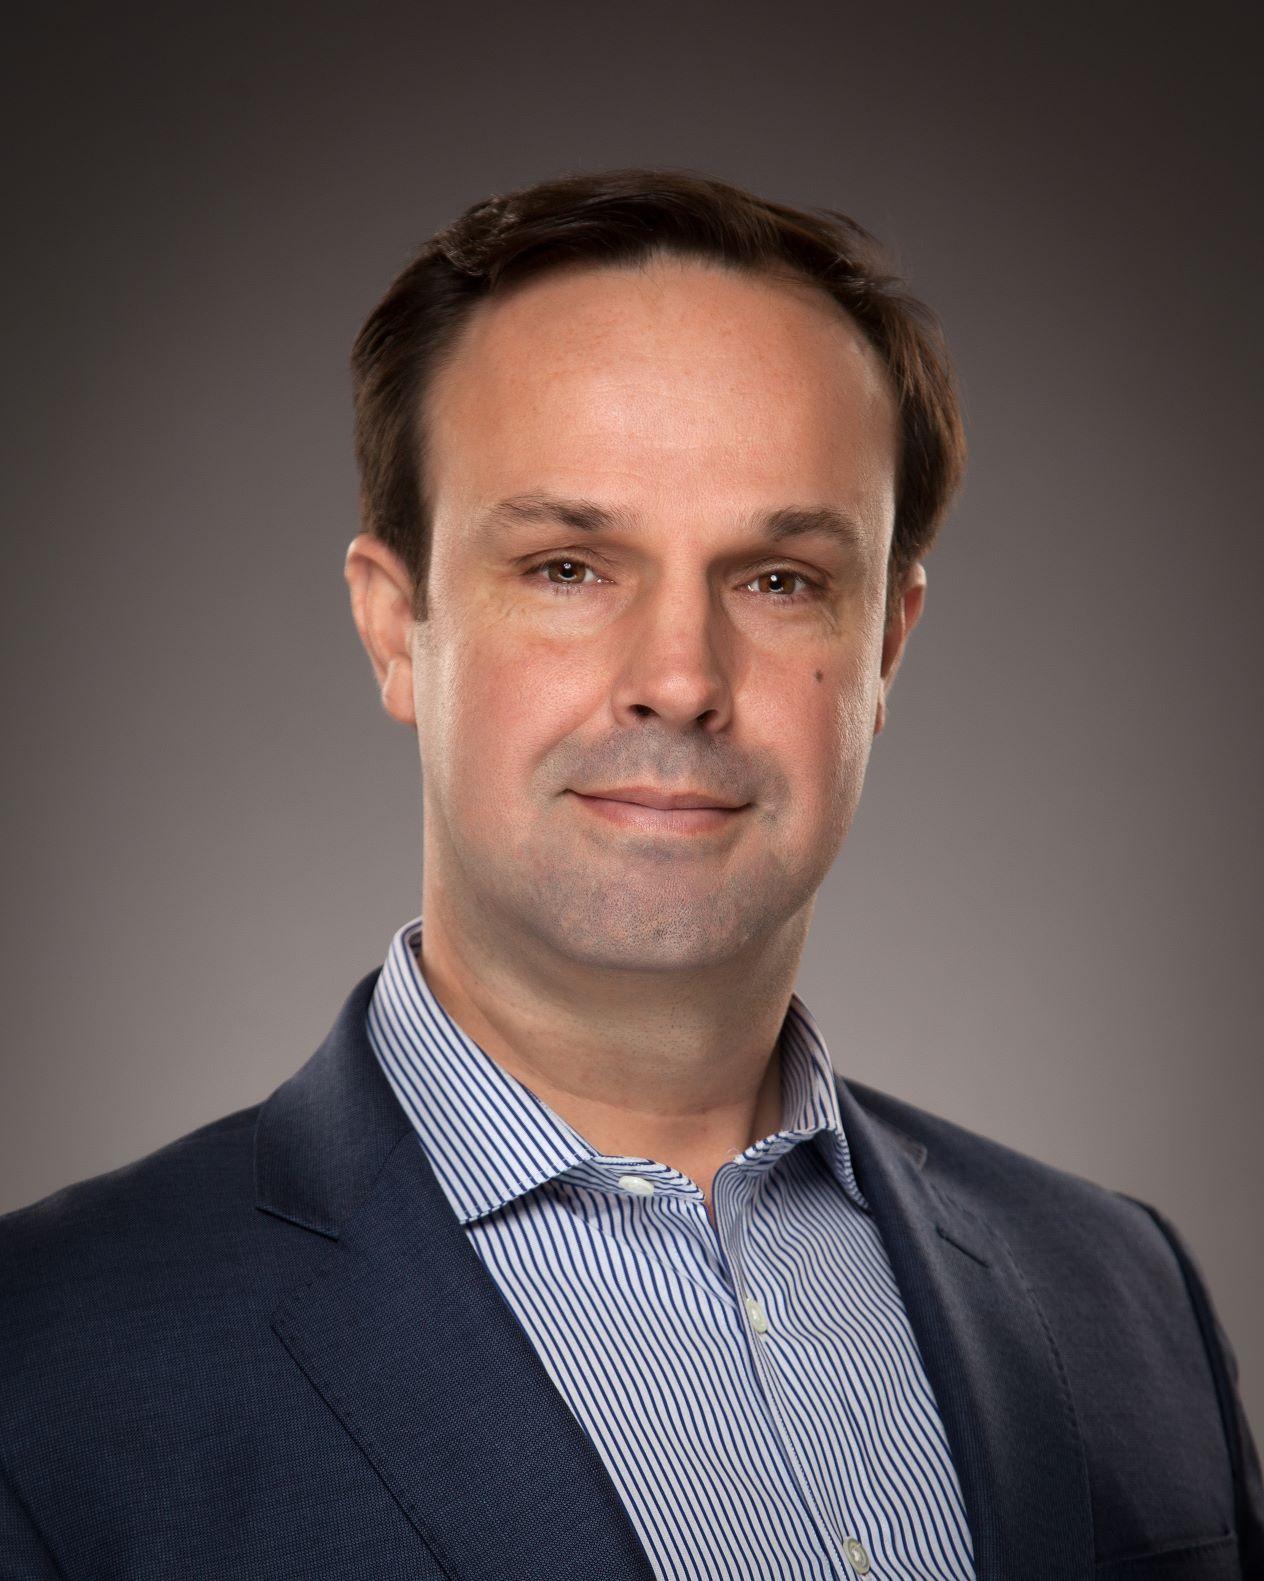 Simon Gillett